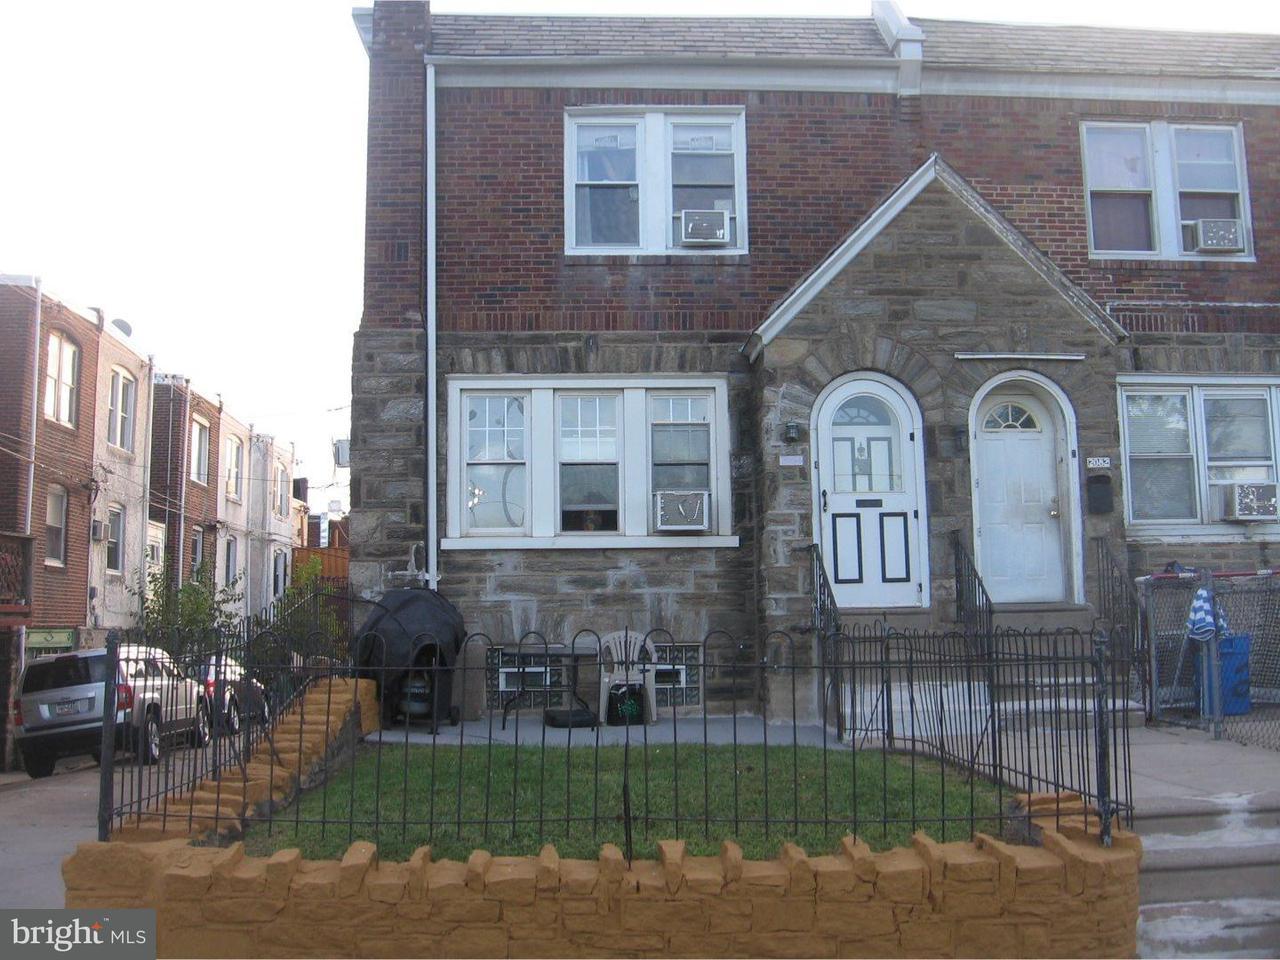 2084 E Cheltenham Philadelphia, PA 19124